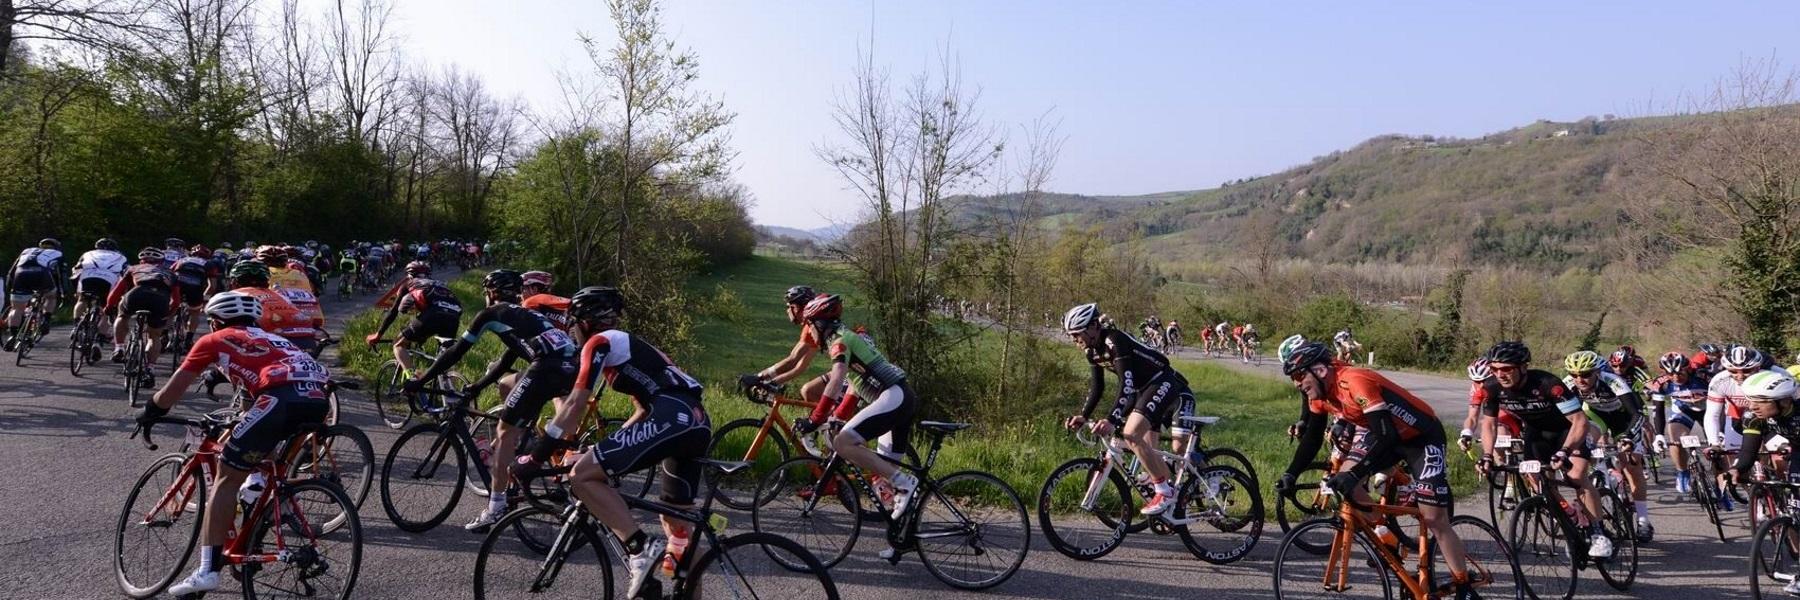 Granfondo Via del Sale - Sportur Bicycle Expo